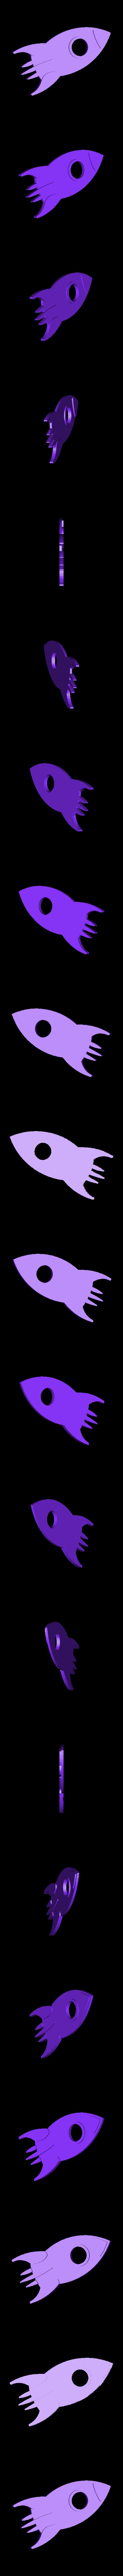 cohete_Glow.STL Télécharger fichier STL gratuit Rocket Glow in The Dark • Plan à imprimer en 3D, Platridi